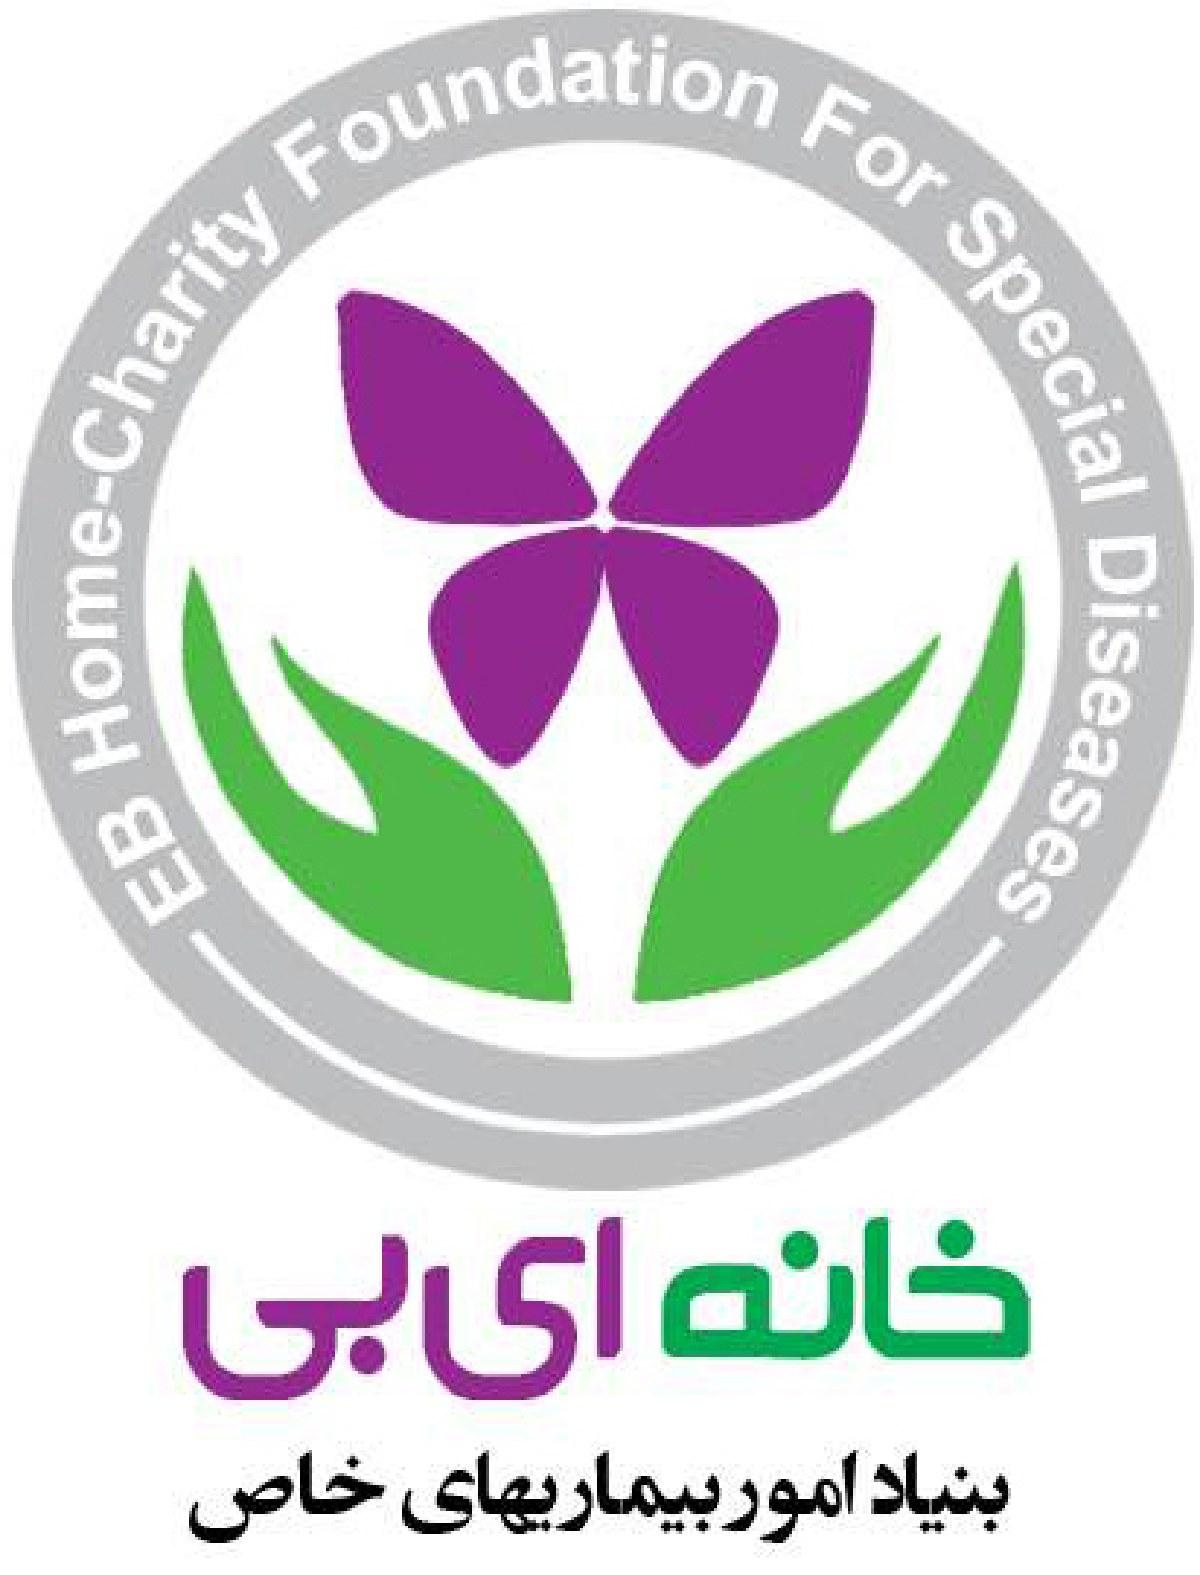 بیماریهای خاص و تاثیر خیریه ها در کمک به بیماران